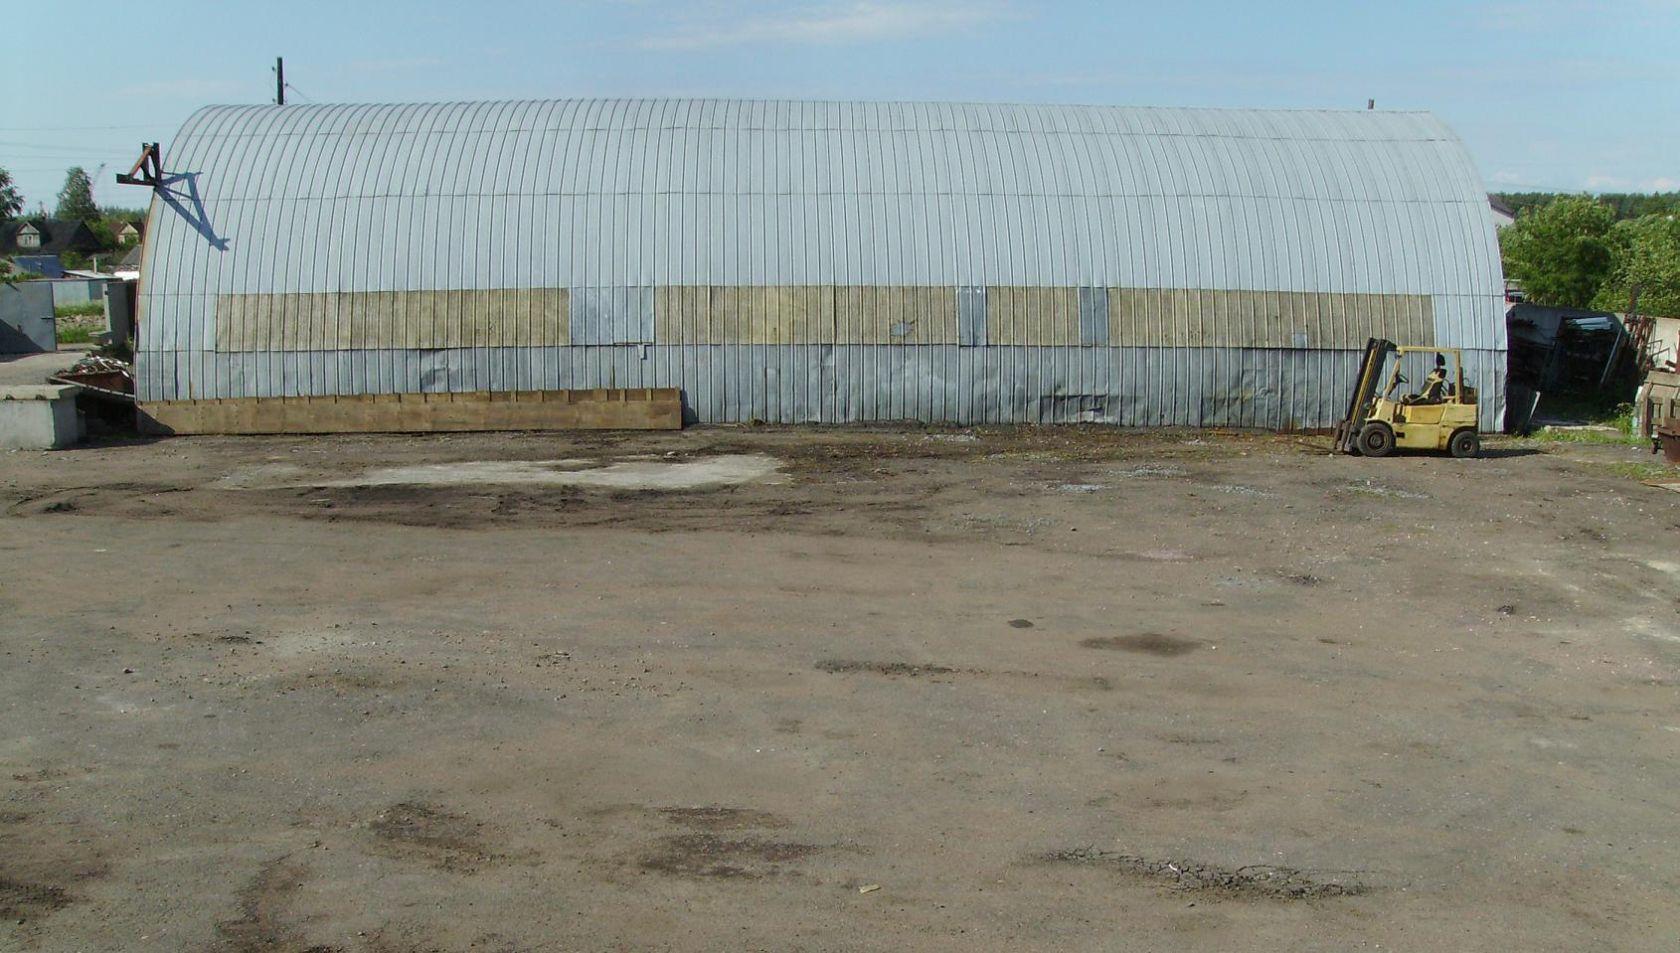 Manufacturing в аренду по адресу Россия, Санкт-Петербург, Санкт-Петербург, шоссе Стрельнинское